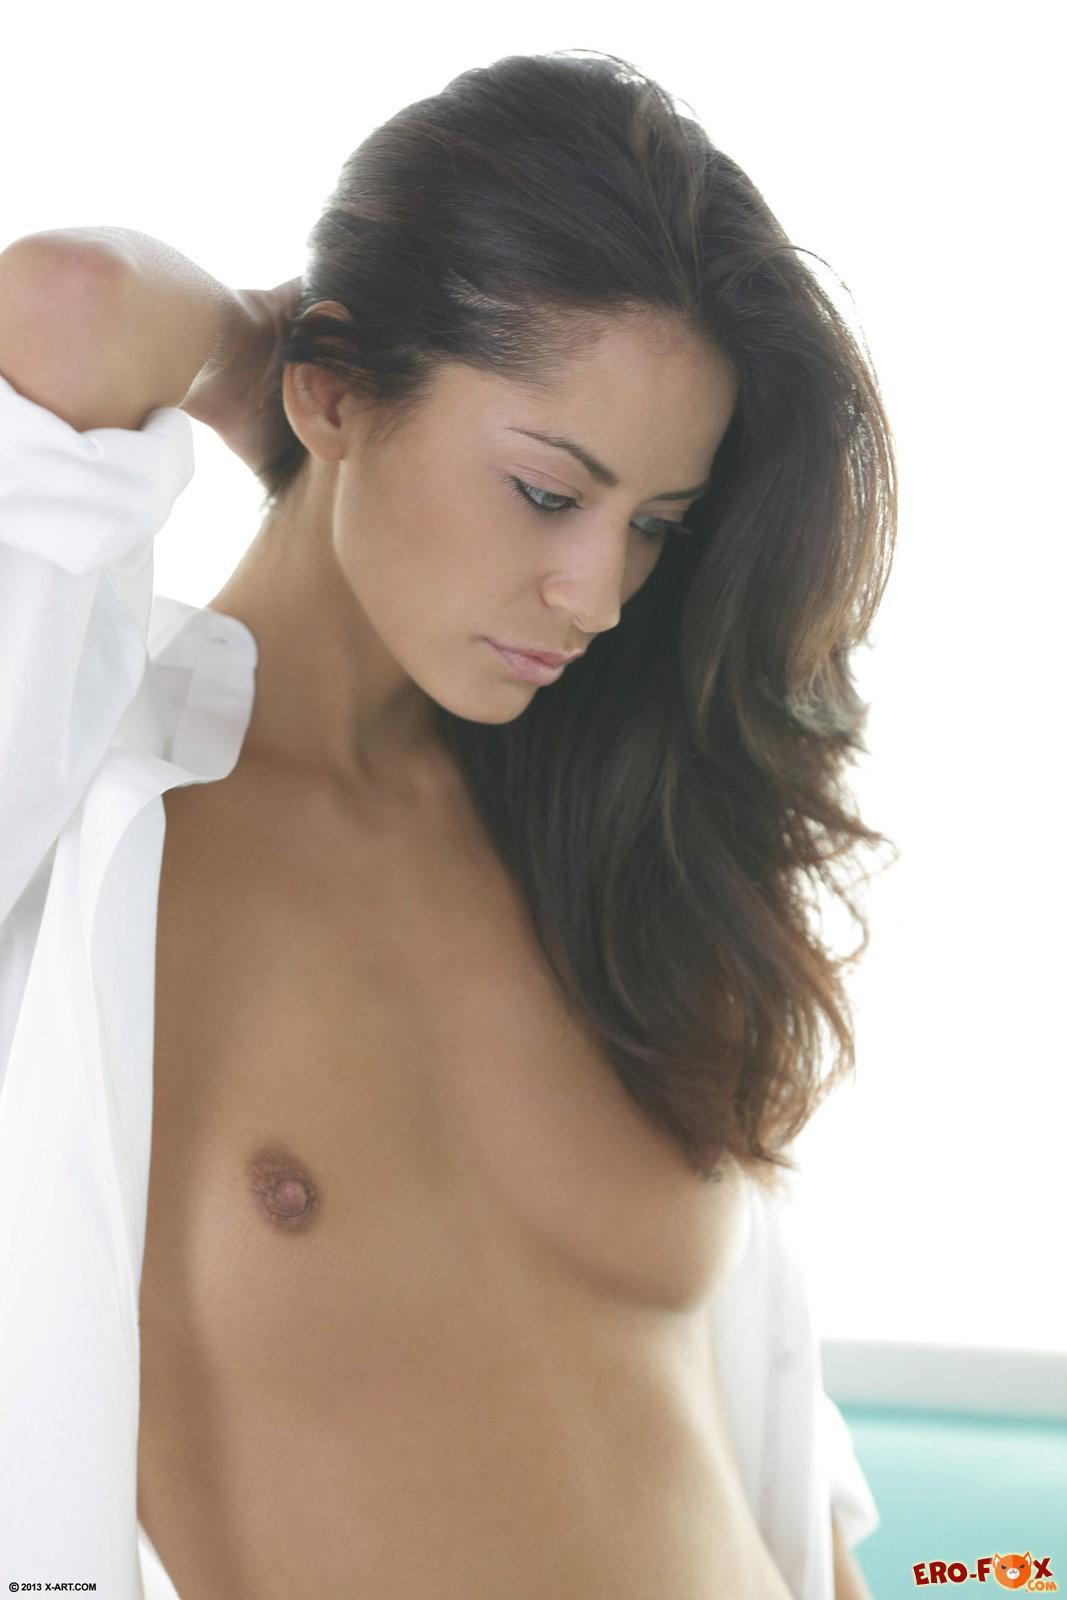 Девушка снимает рубашку и остаётся голая